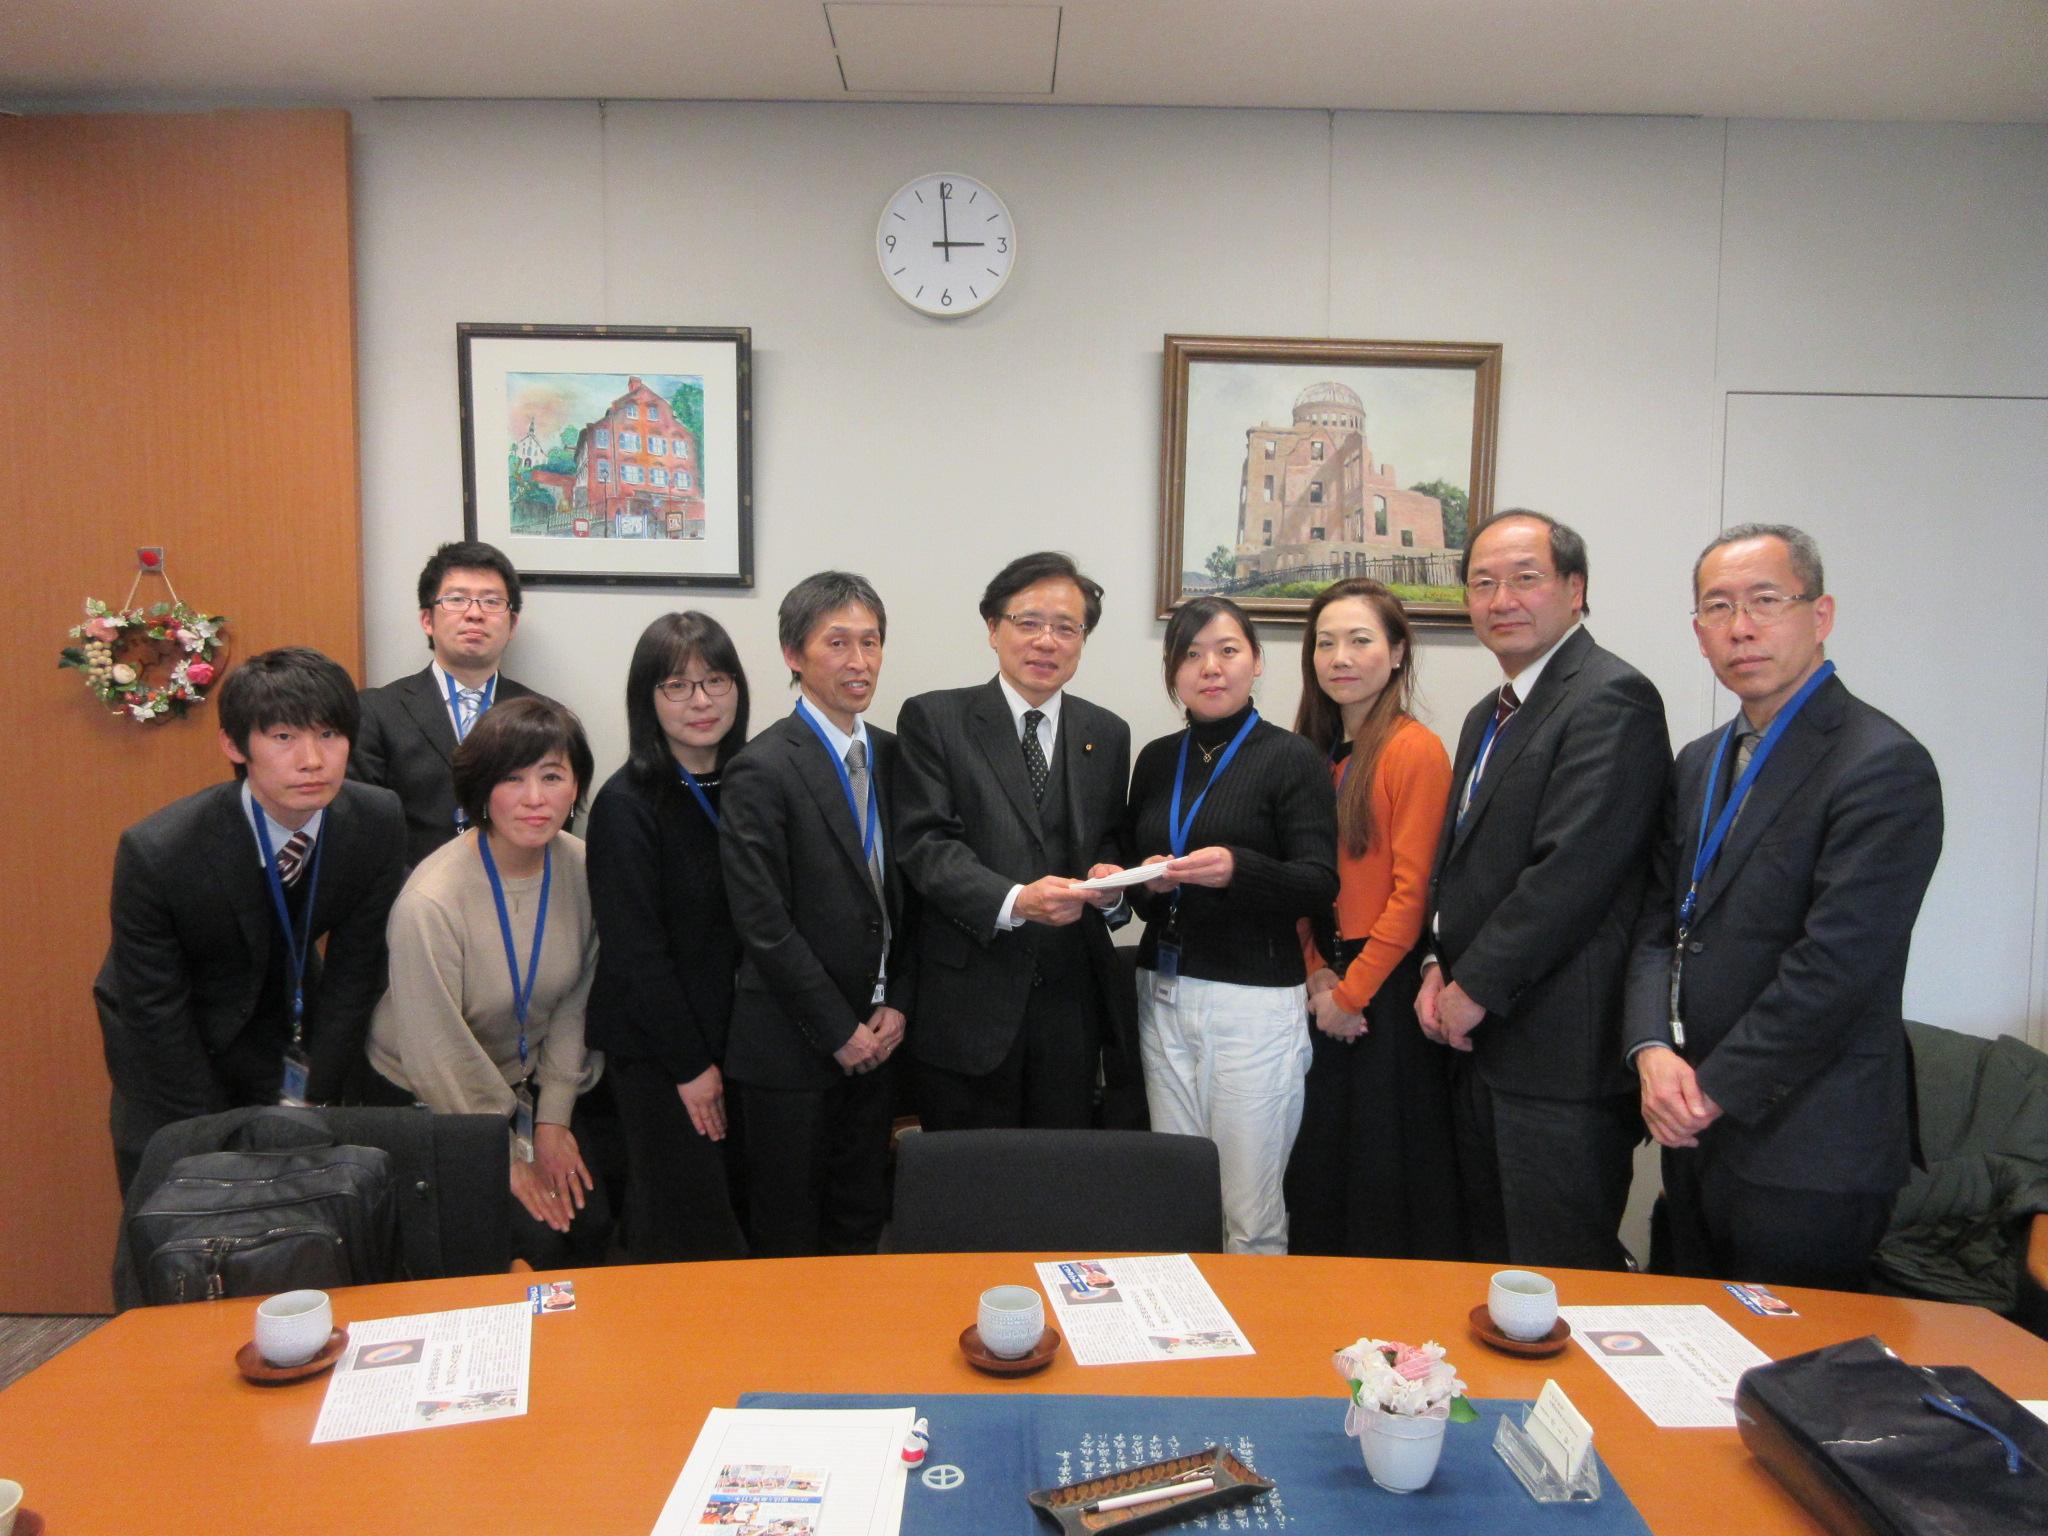 http://www.inoue-satoshi.com/diary/IMG_3609.JPG